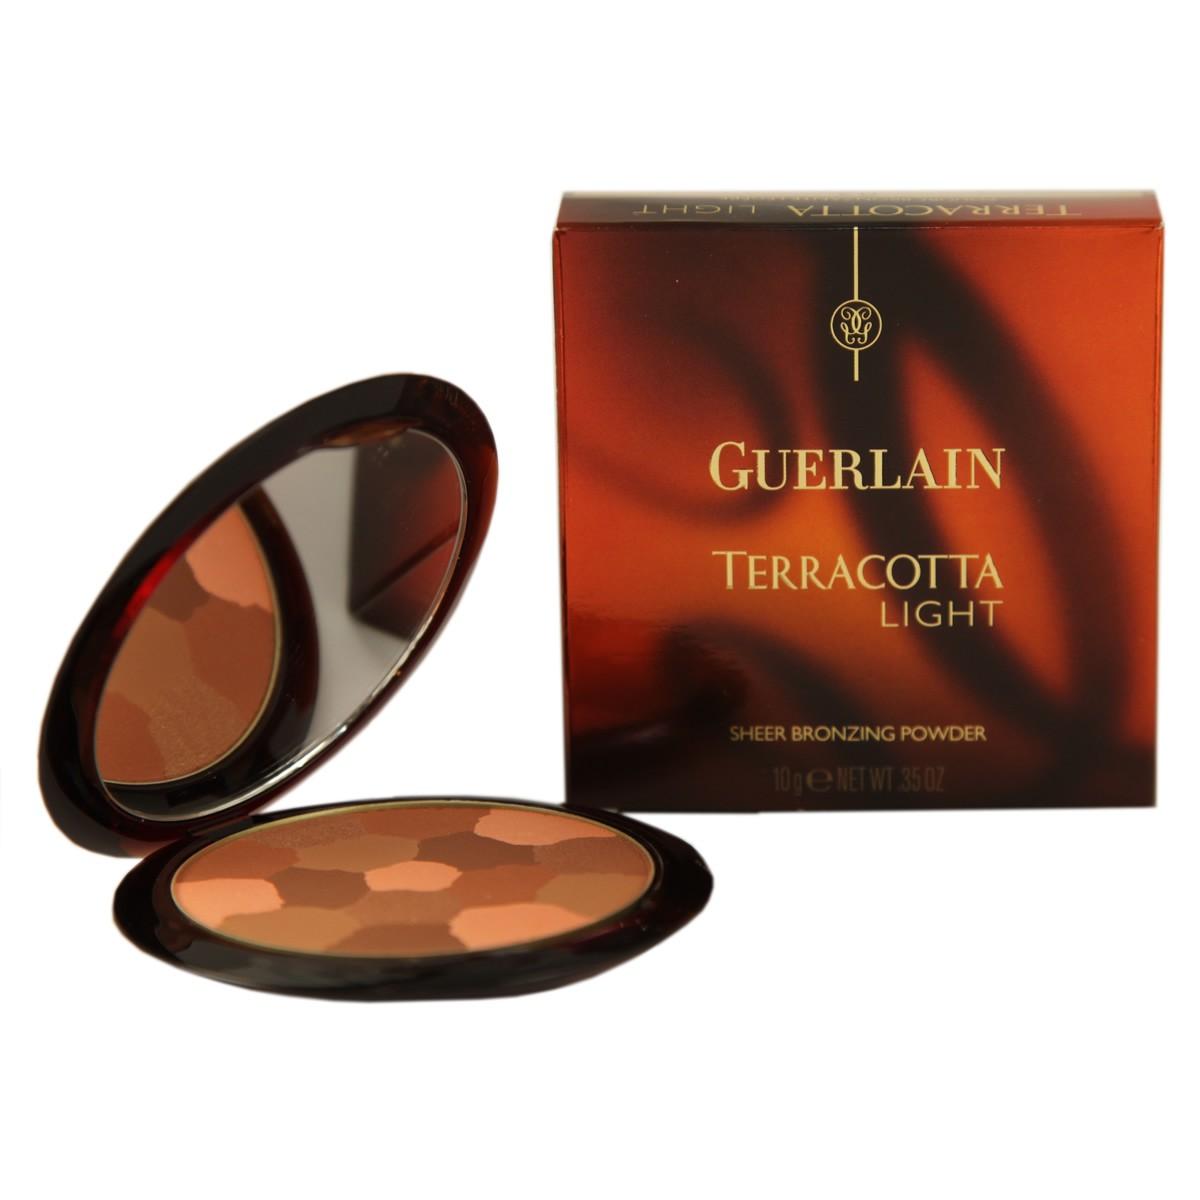 Guerlain Terracotta Light Sheer Bronzing Powder